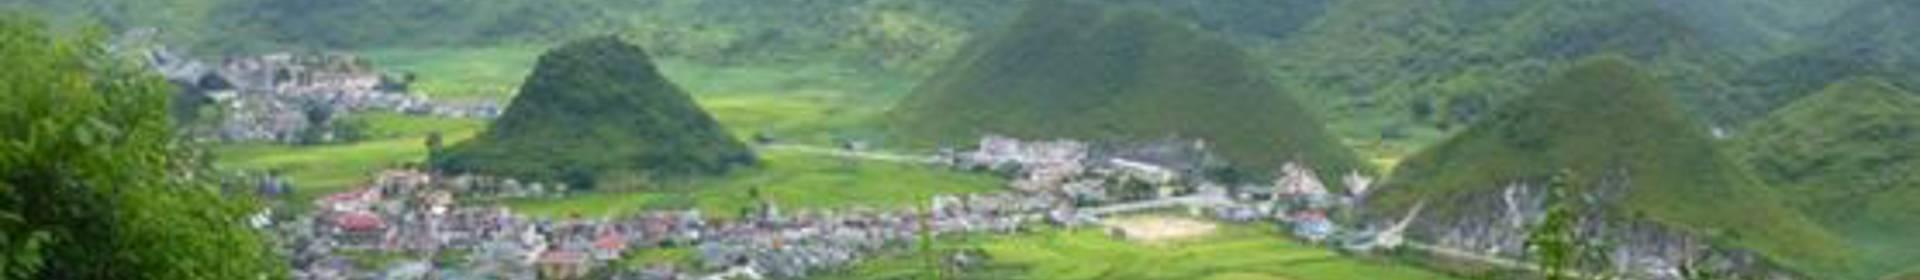 Thị Trấn Yên Minh